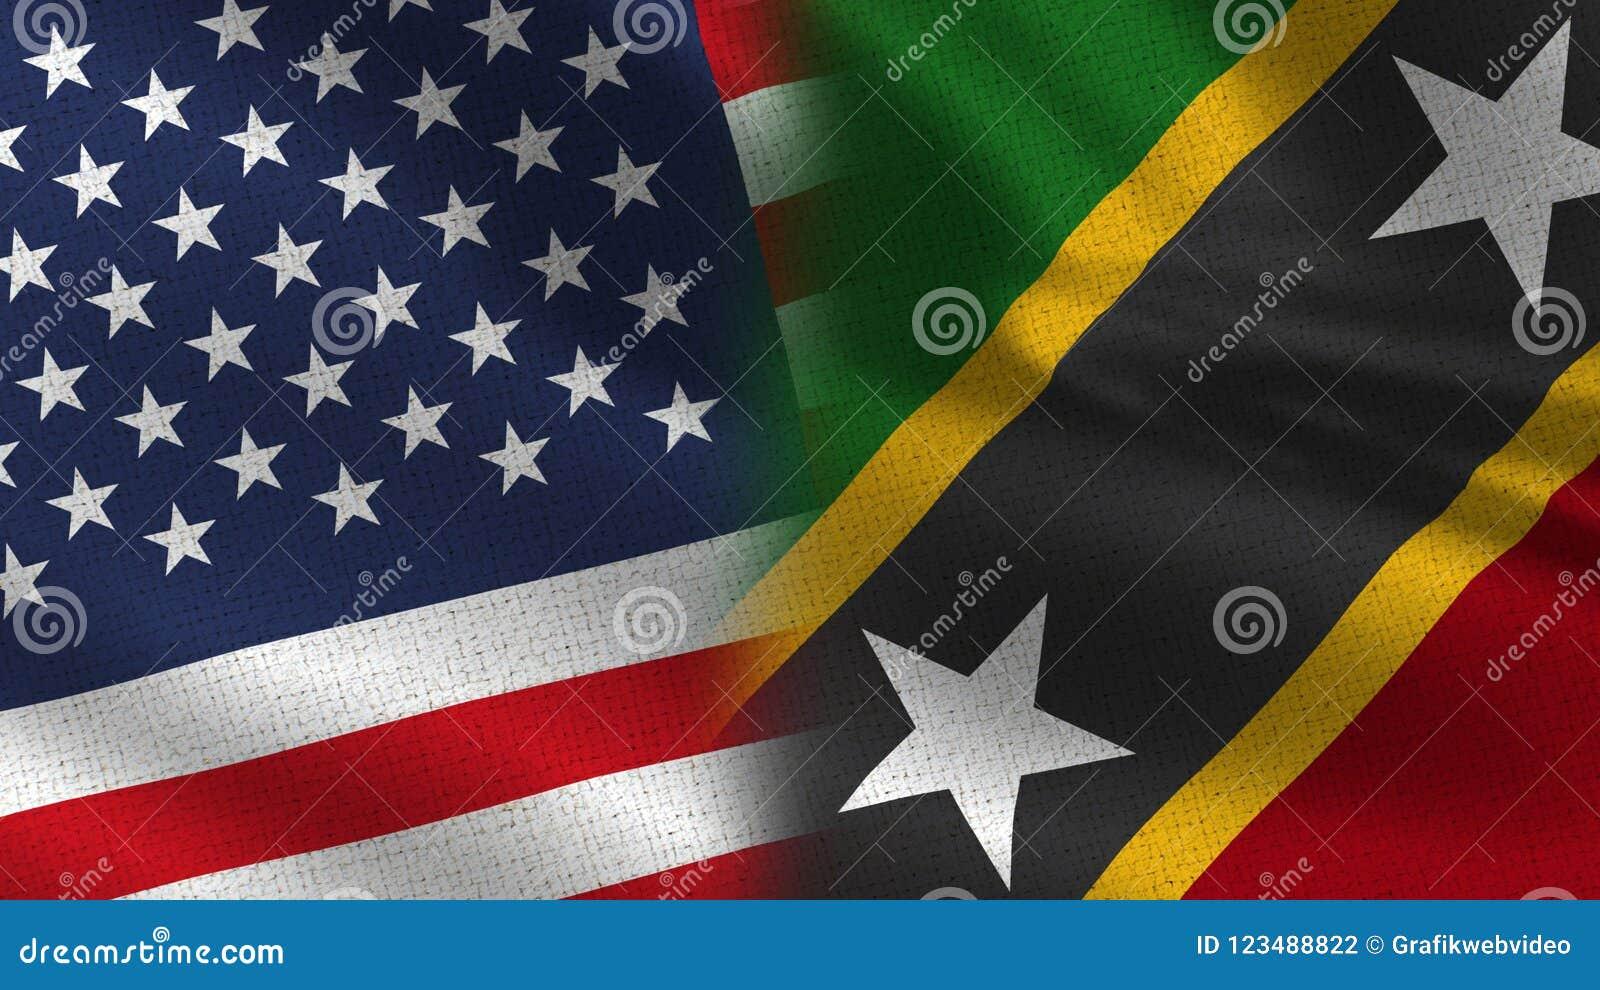 Ρεαλιστικές μισές σημαίες των ΗΠΑ και Σαιντ Κιτς και Νέβις από κοινού